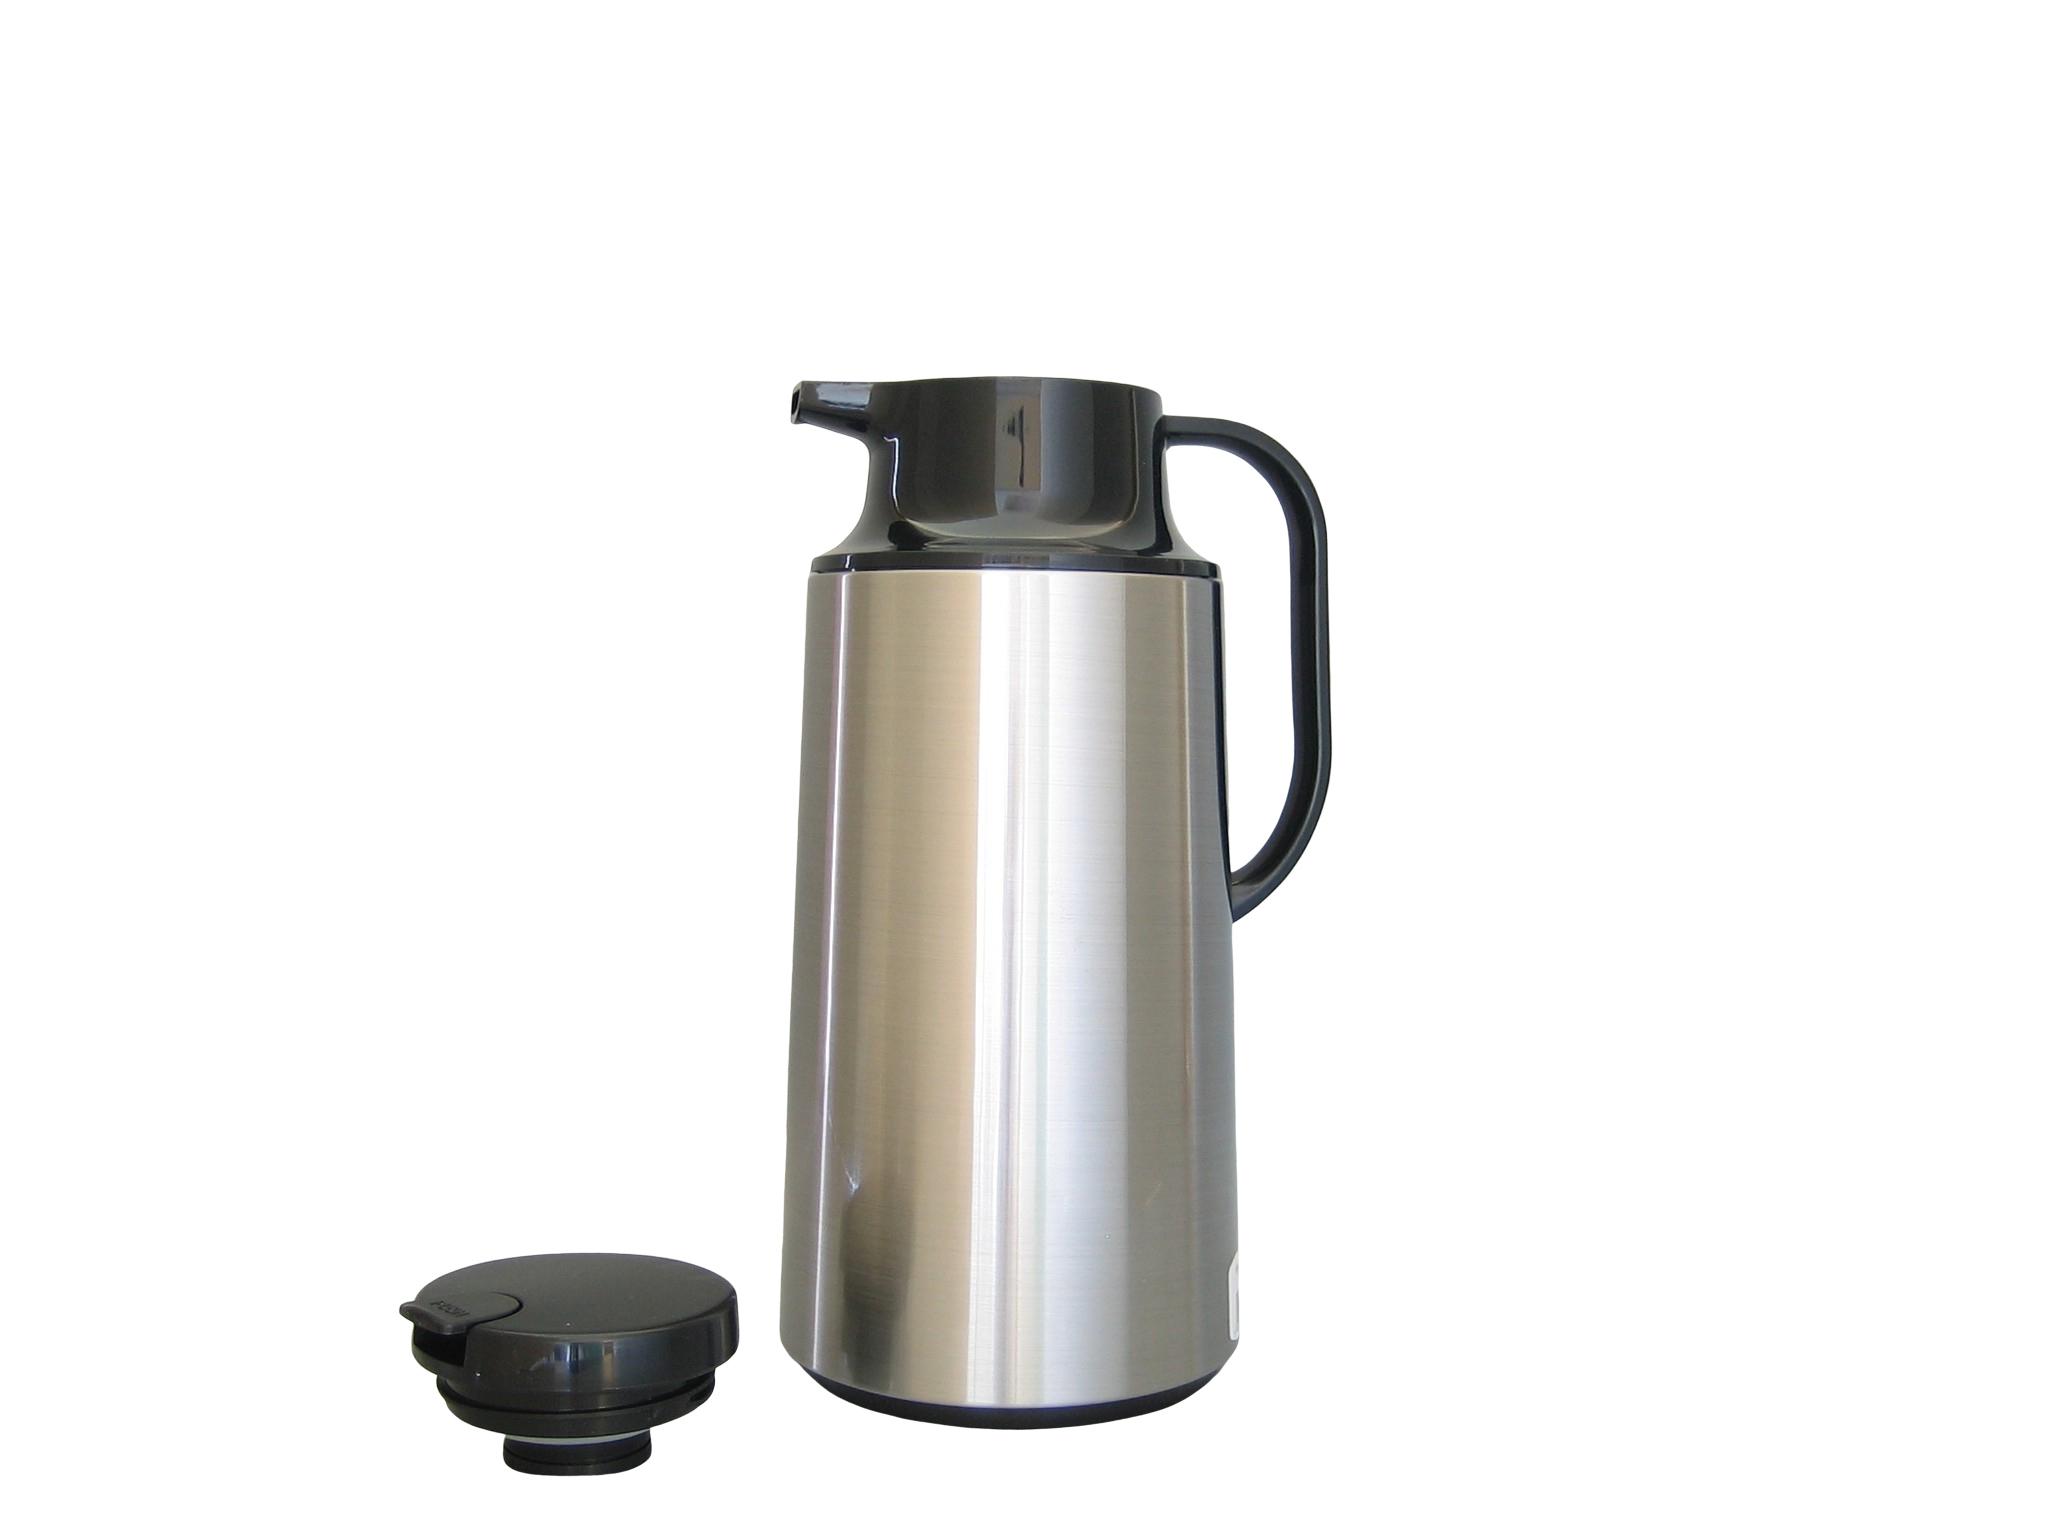 HUS131 - Vacuum carafe SS 1.30 L (ALLGO) - Allgo